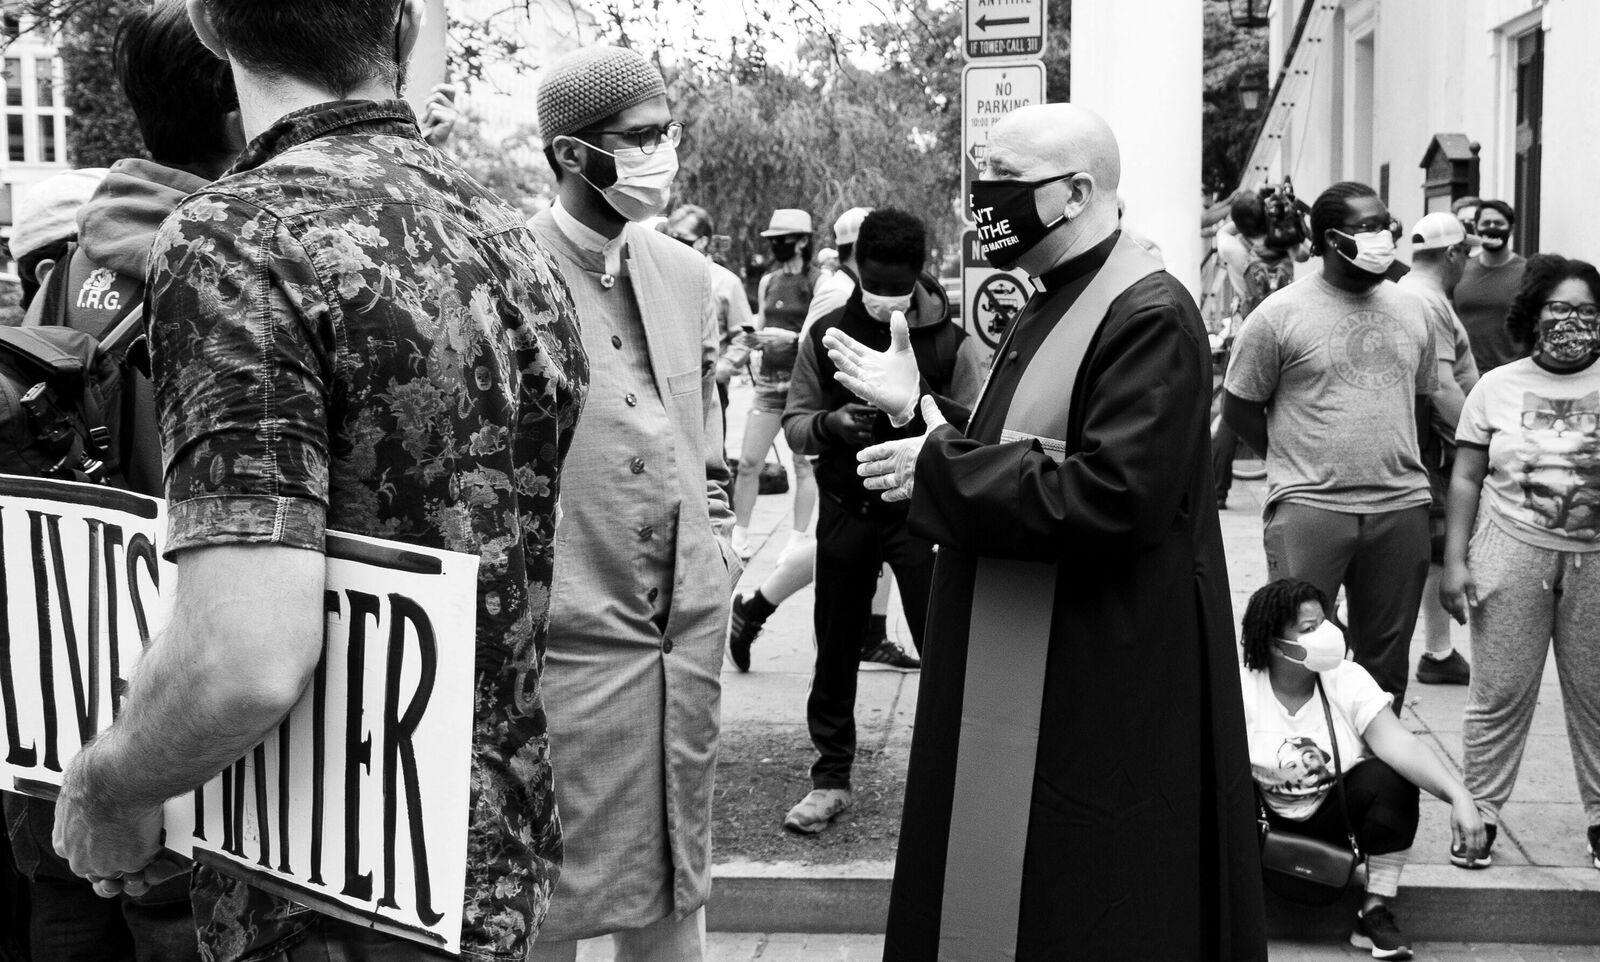 Black Lives Matter Protest in DC, 6/2/2020. (Instagram: @koshuphotography)